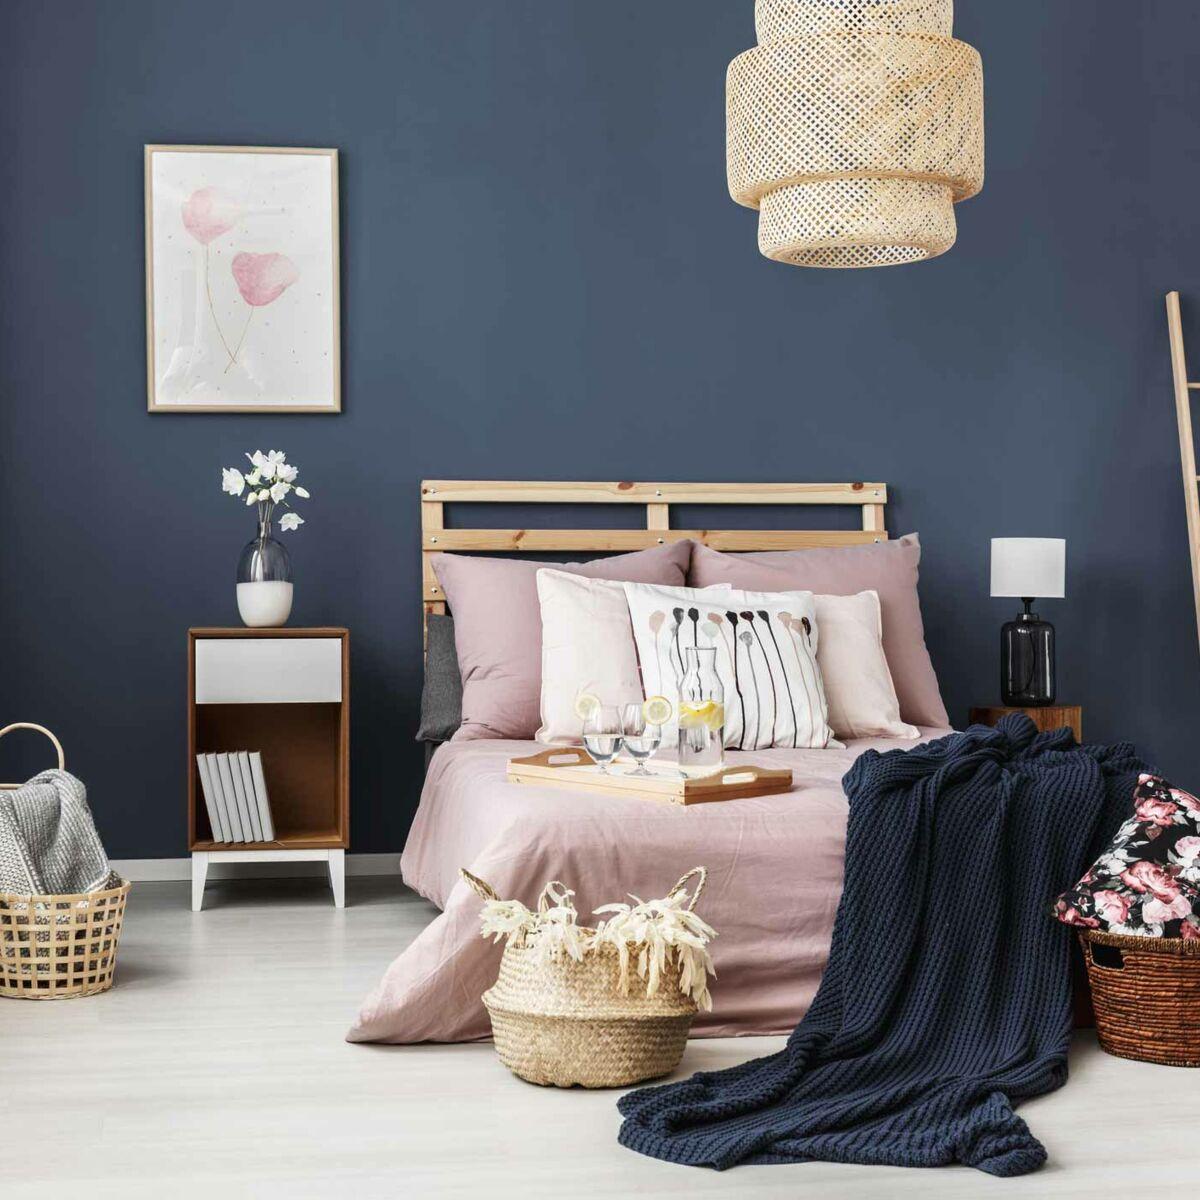 Quelle Couleur Choisir Pour Peindre Des Portes peinture de chambre : quelles couleurs et quelles finitions